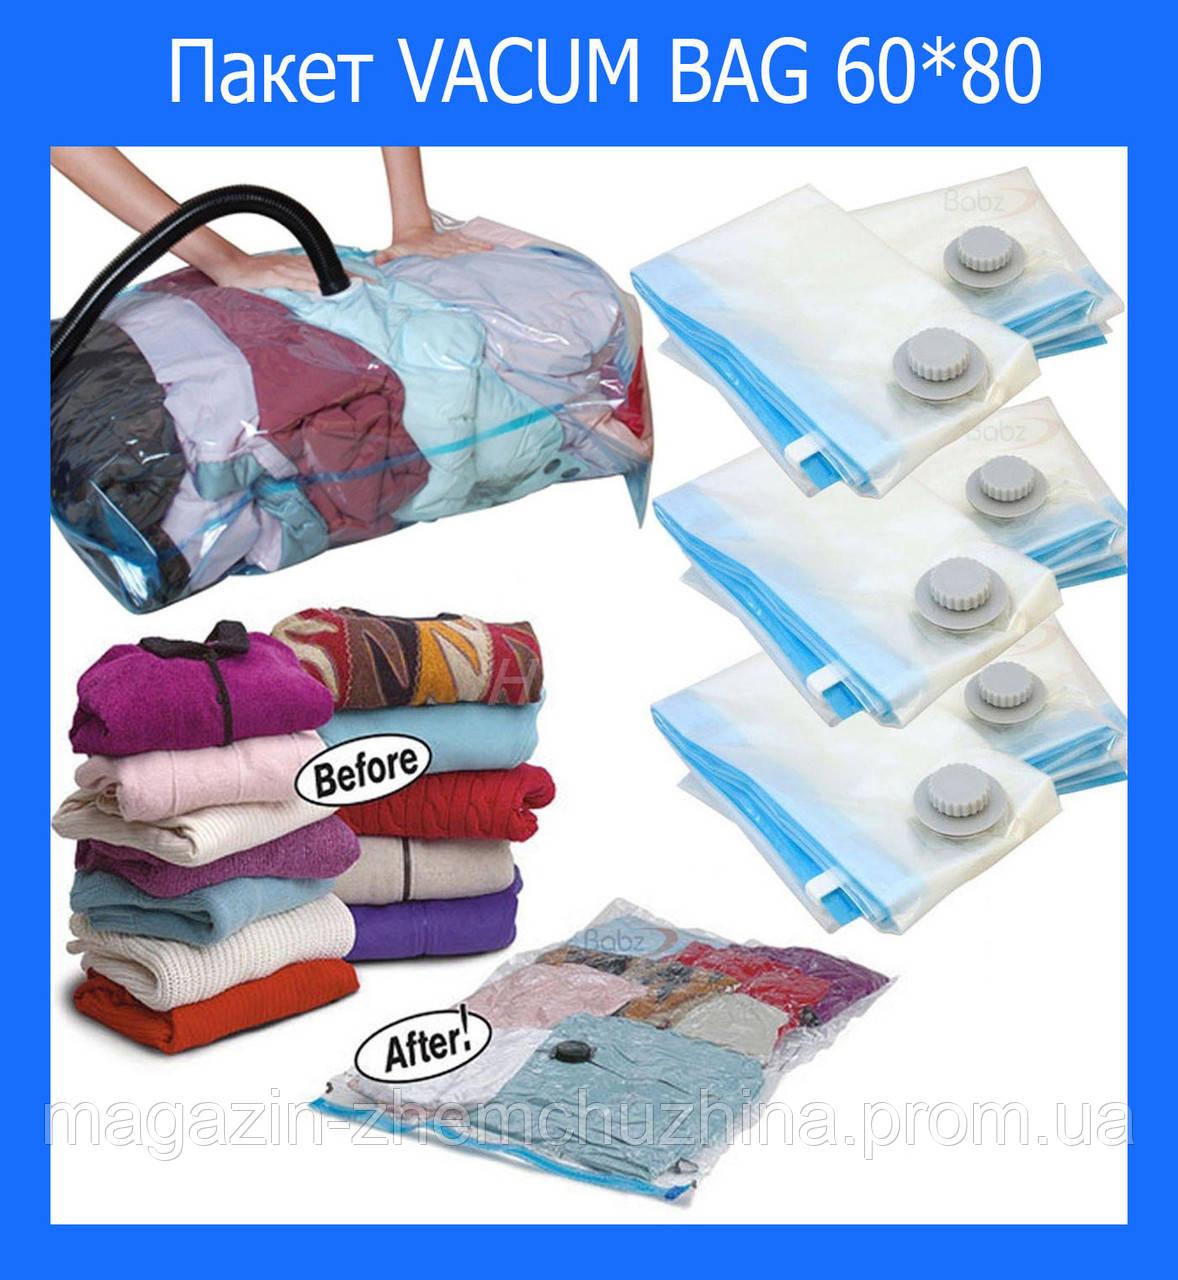 Пакет VACUM BAG 60*80 A0032